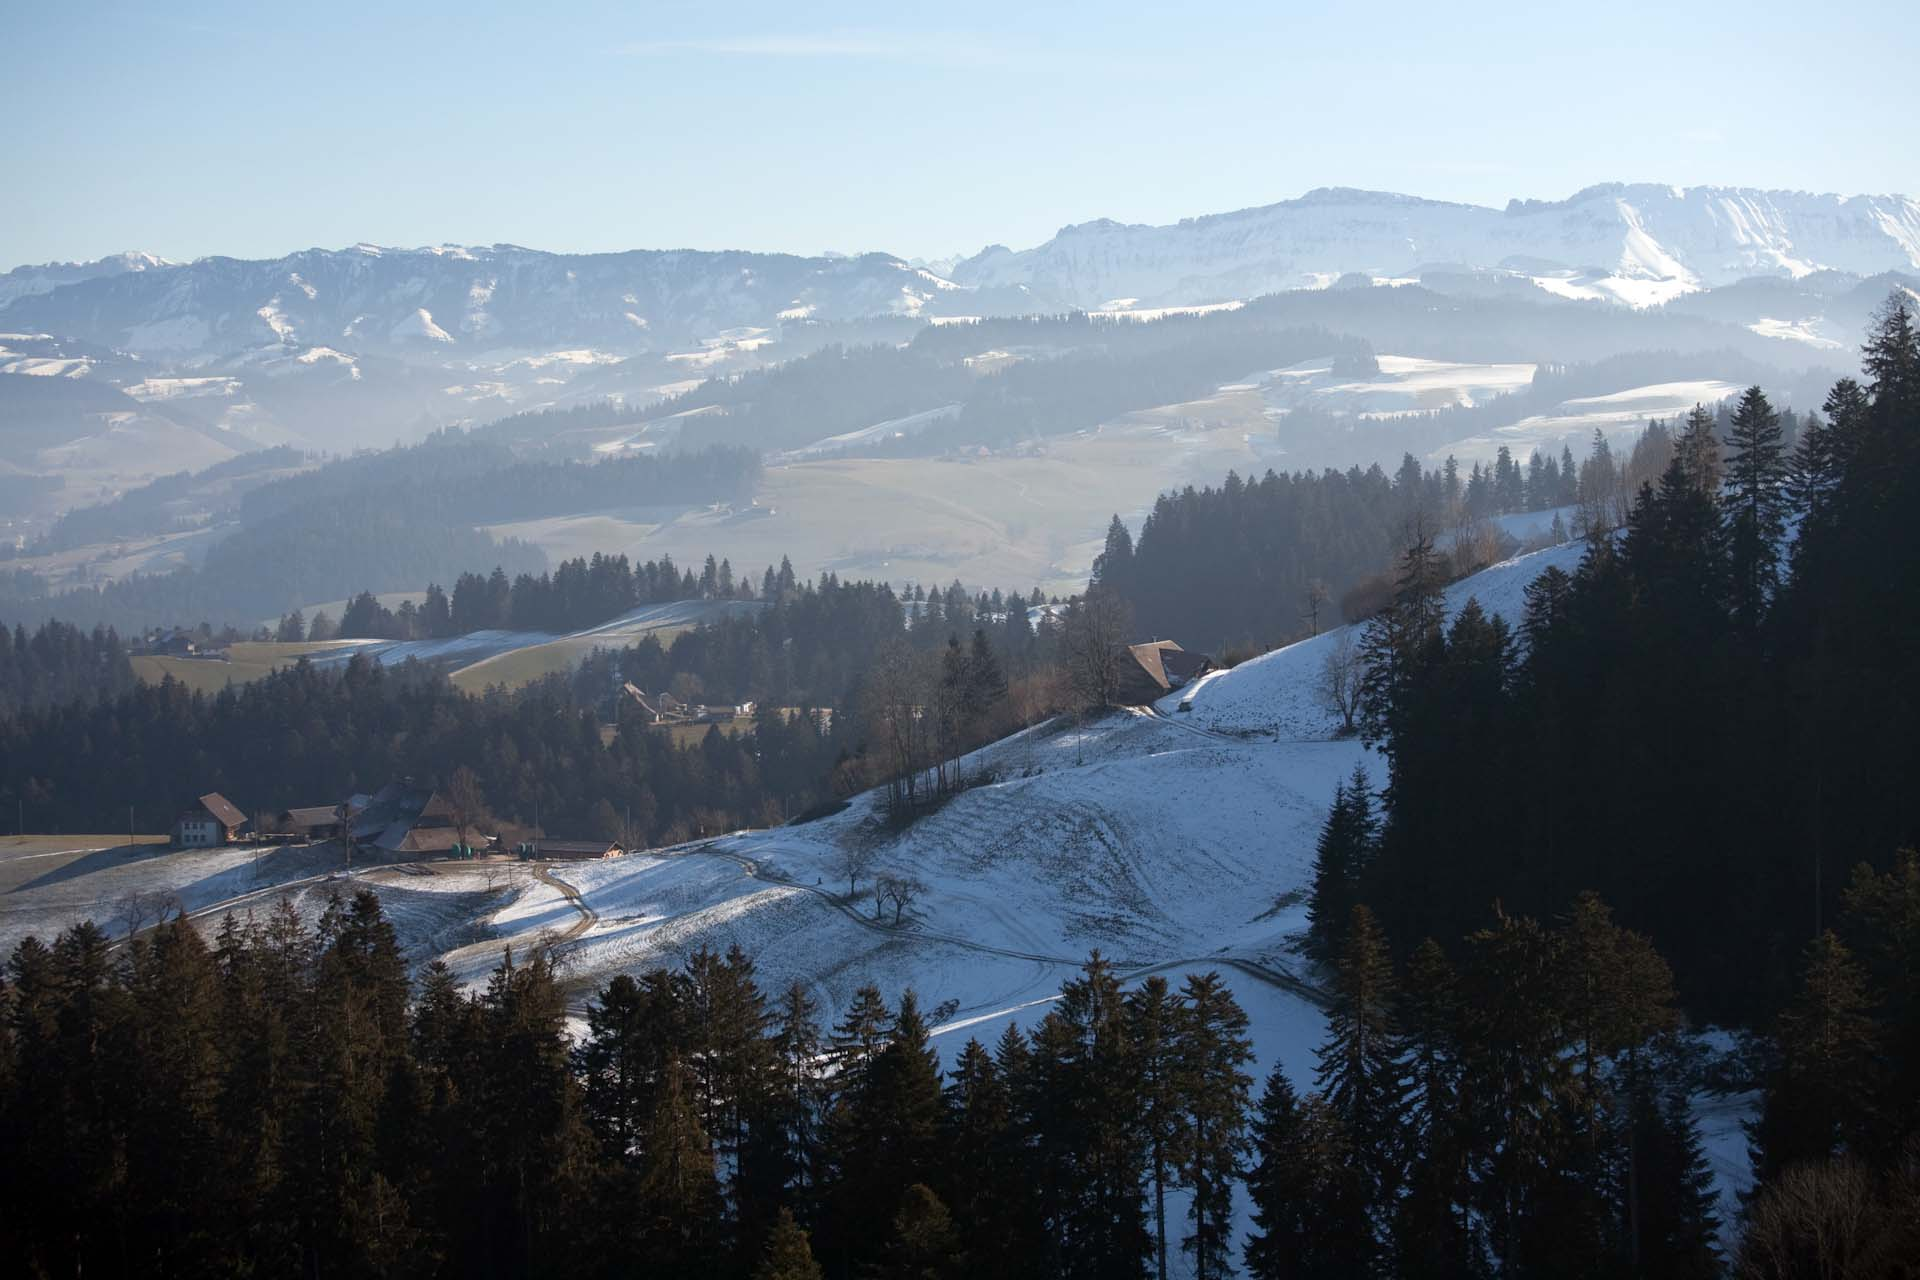 """""""Das schöne Dorf im Emmental. Der Hof Tannegg ist von hier oben nicht zu sehen. Alte, windschiefe Höfe ducken sich an die Hügel,unter Dächern, die fast bis zum Boden reichen, unverändert seit Jahrhunderten. Schnee liegt auf den Wiesen."""""""